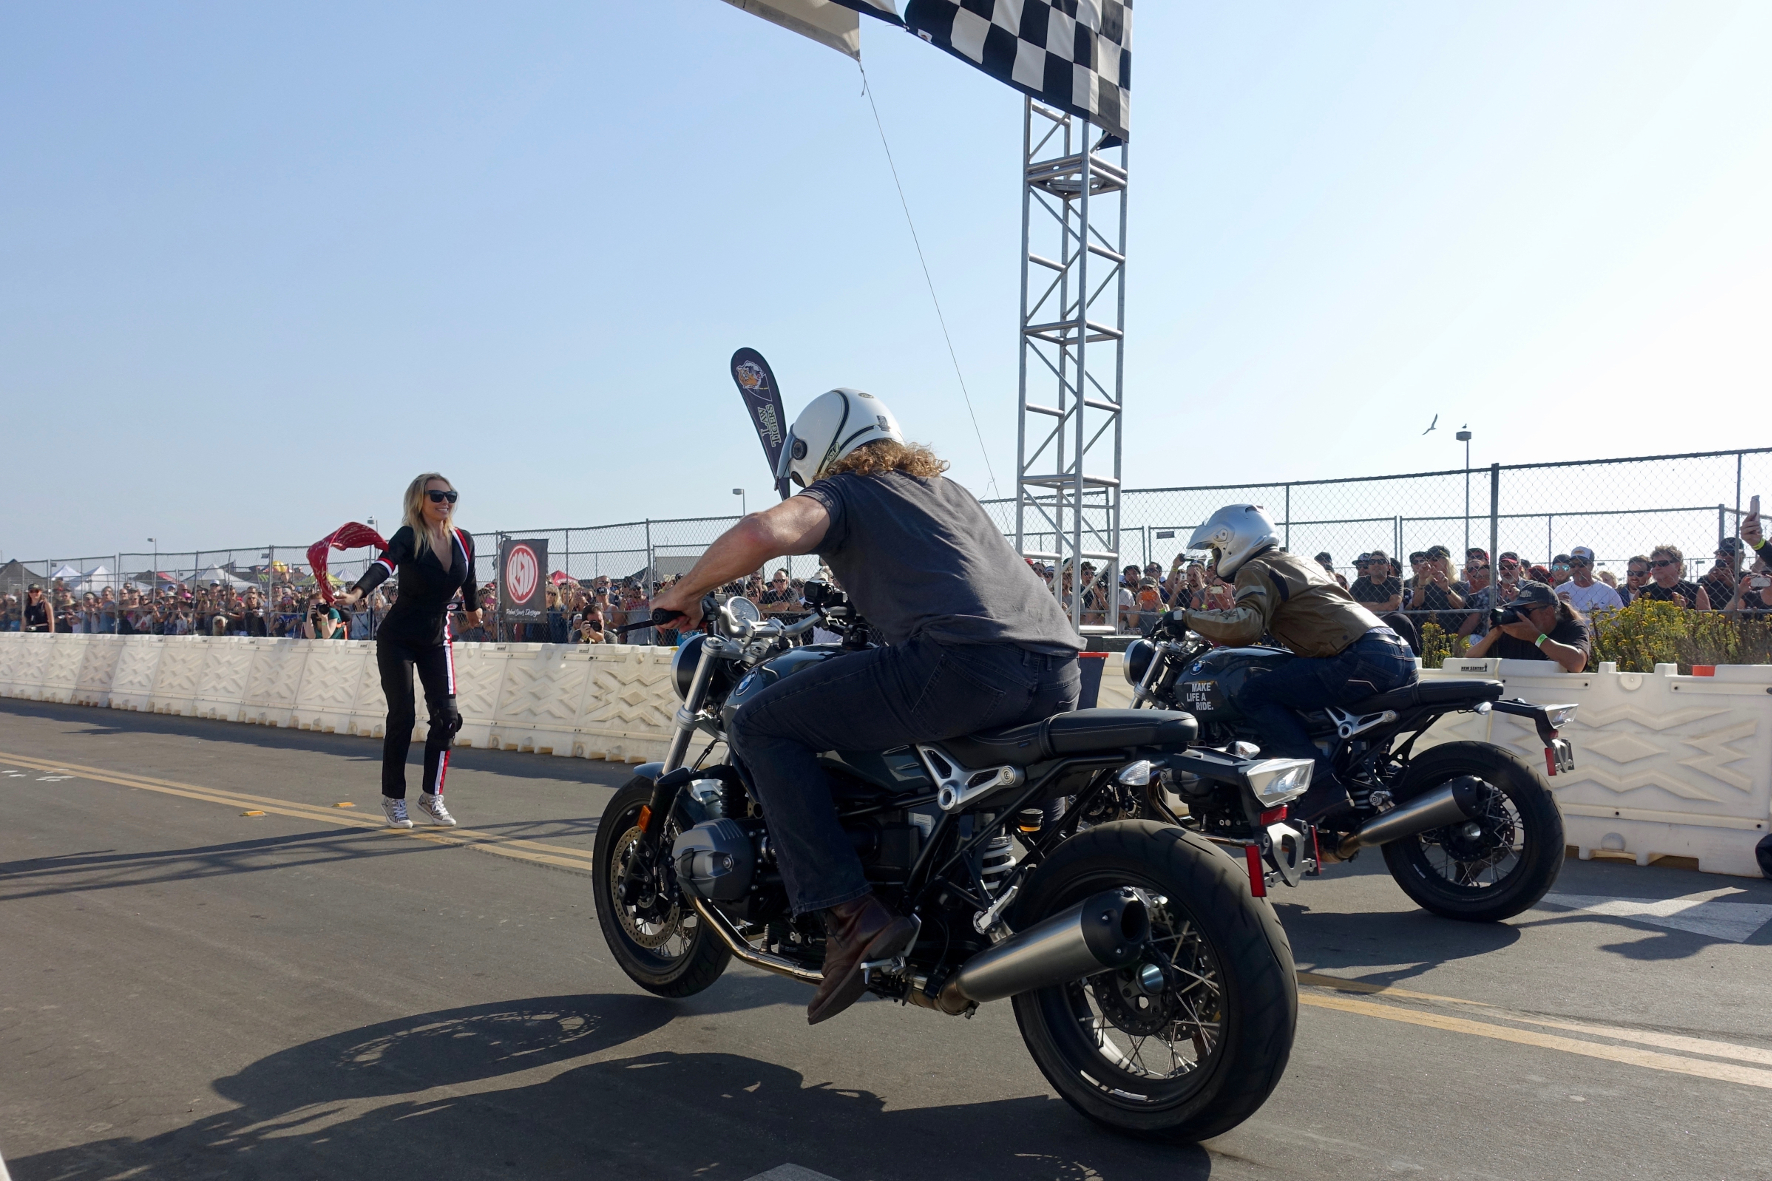 Moto Beach Classic: Grenzenloser Motorrad-Kult im Surf-Paradies